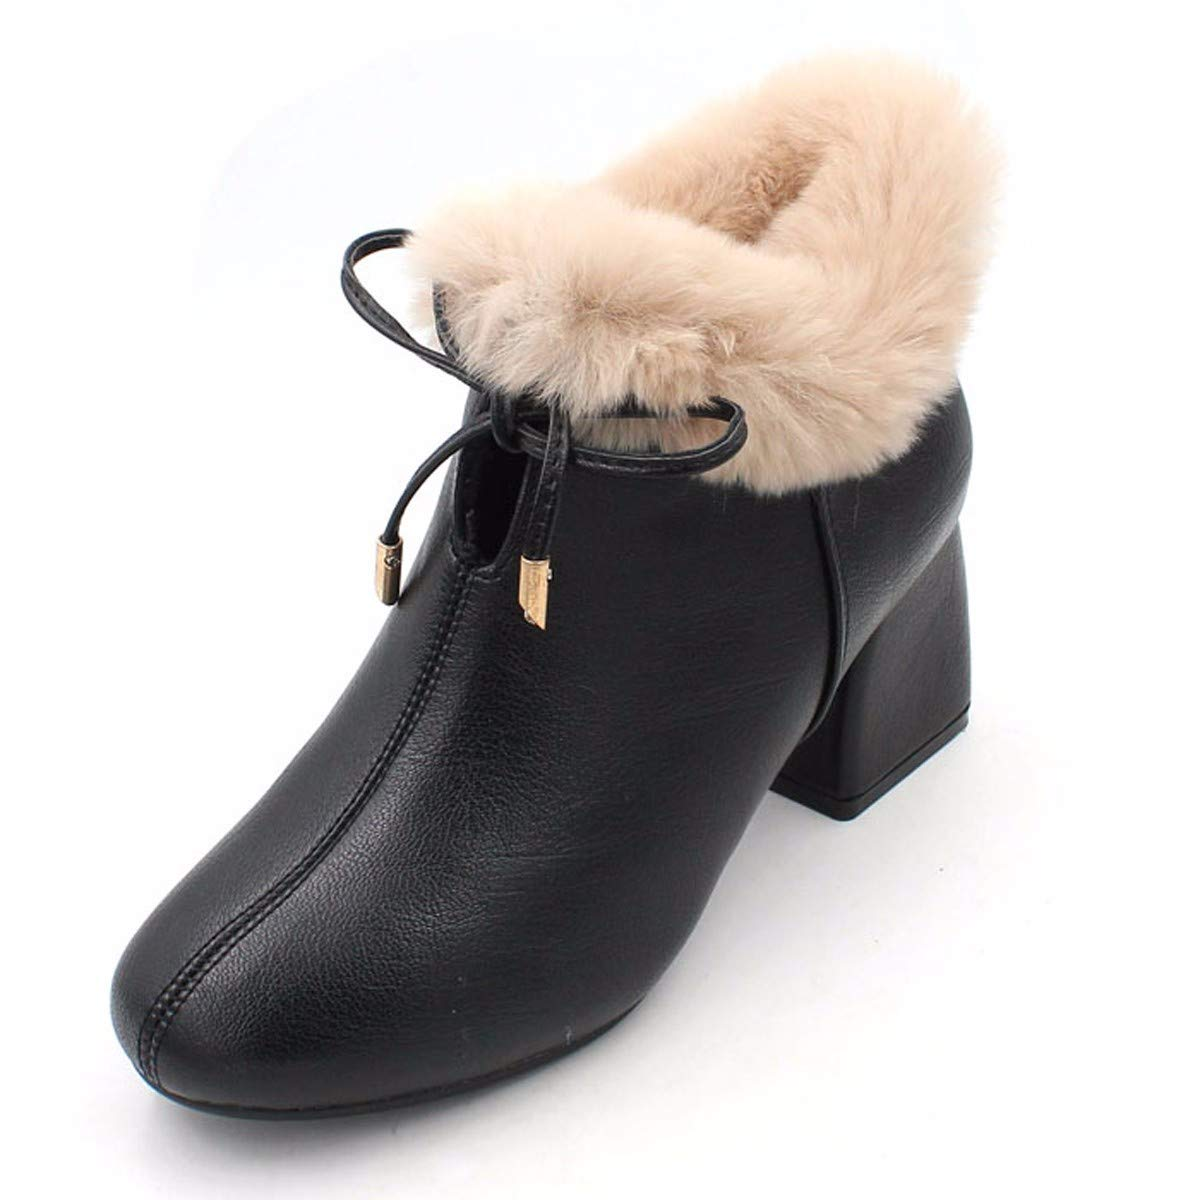 noir Thirty-seven HBDLH Chaussures pour Femmes Slim Bottes La Hauteur du Talon De 6 Cm en Hiver Tête voiturerée D'épaisseur Au Pied Peu De Bottes